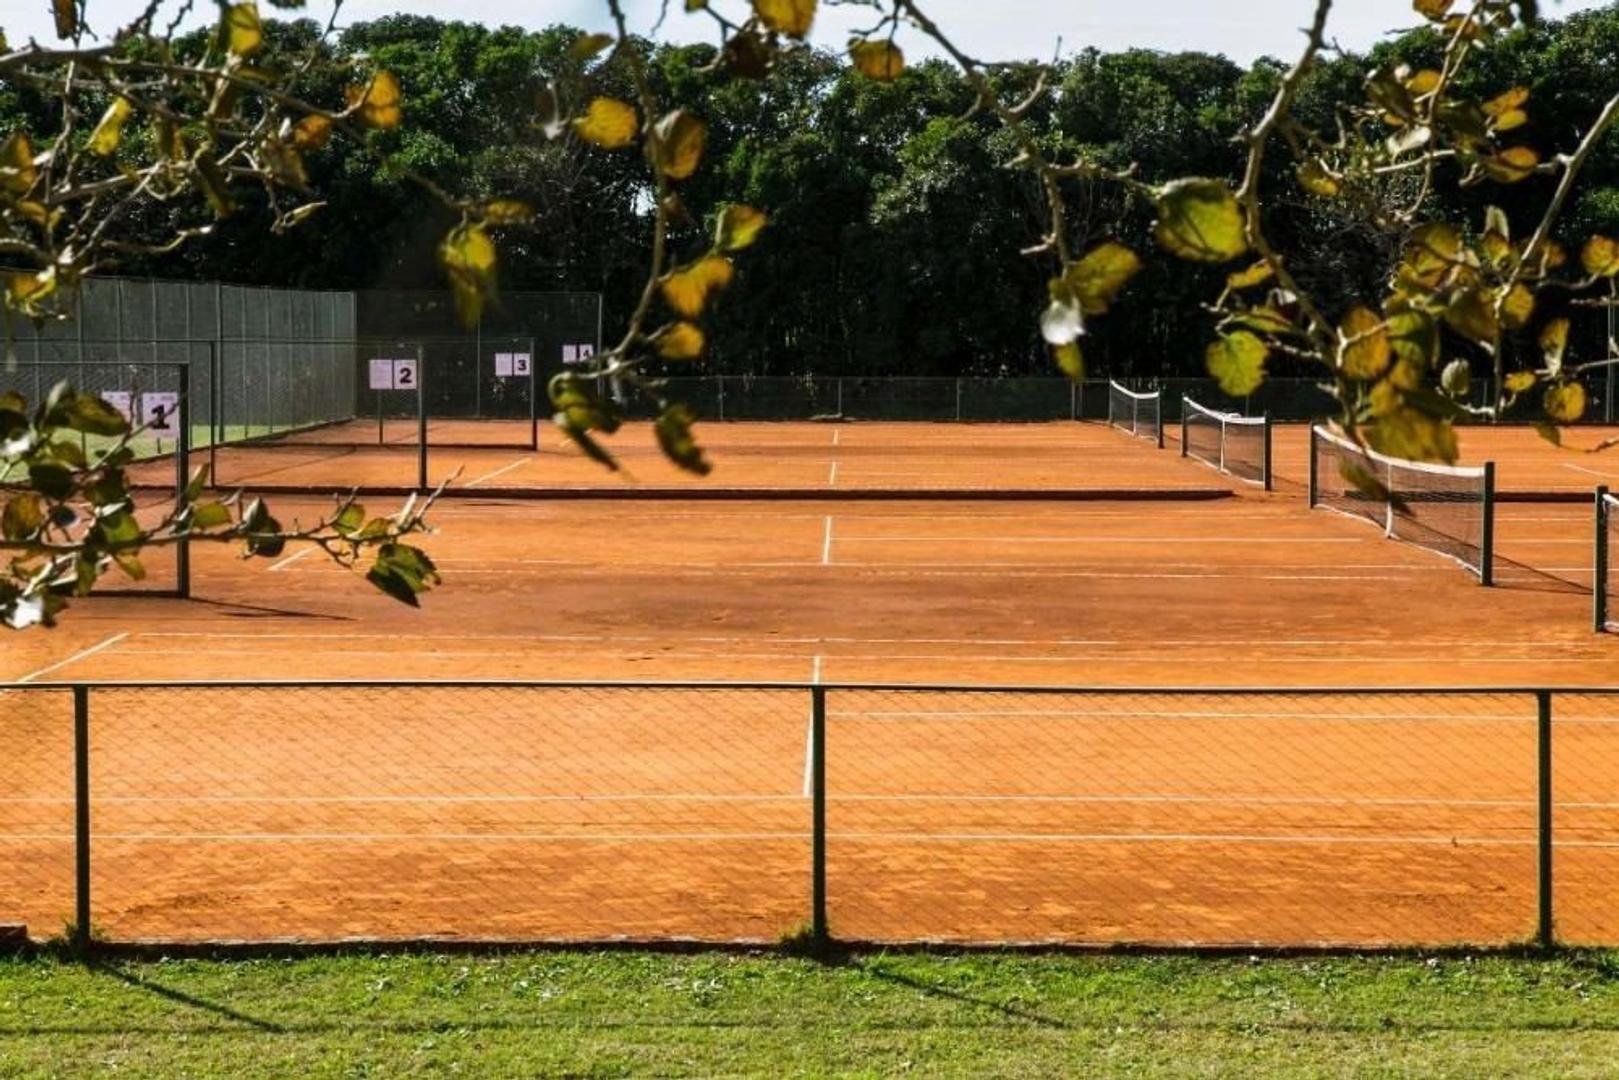 Terreno Lote  en Venta ubicado en San Sebastian, Pilar y Alrededores - PIL3817_LP168772_1